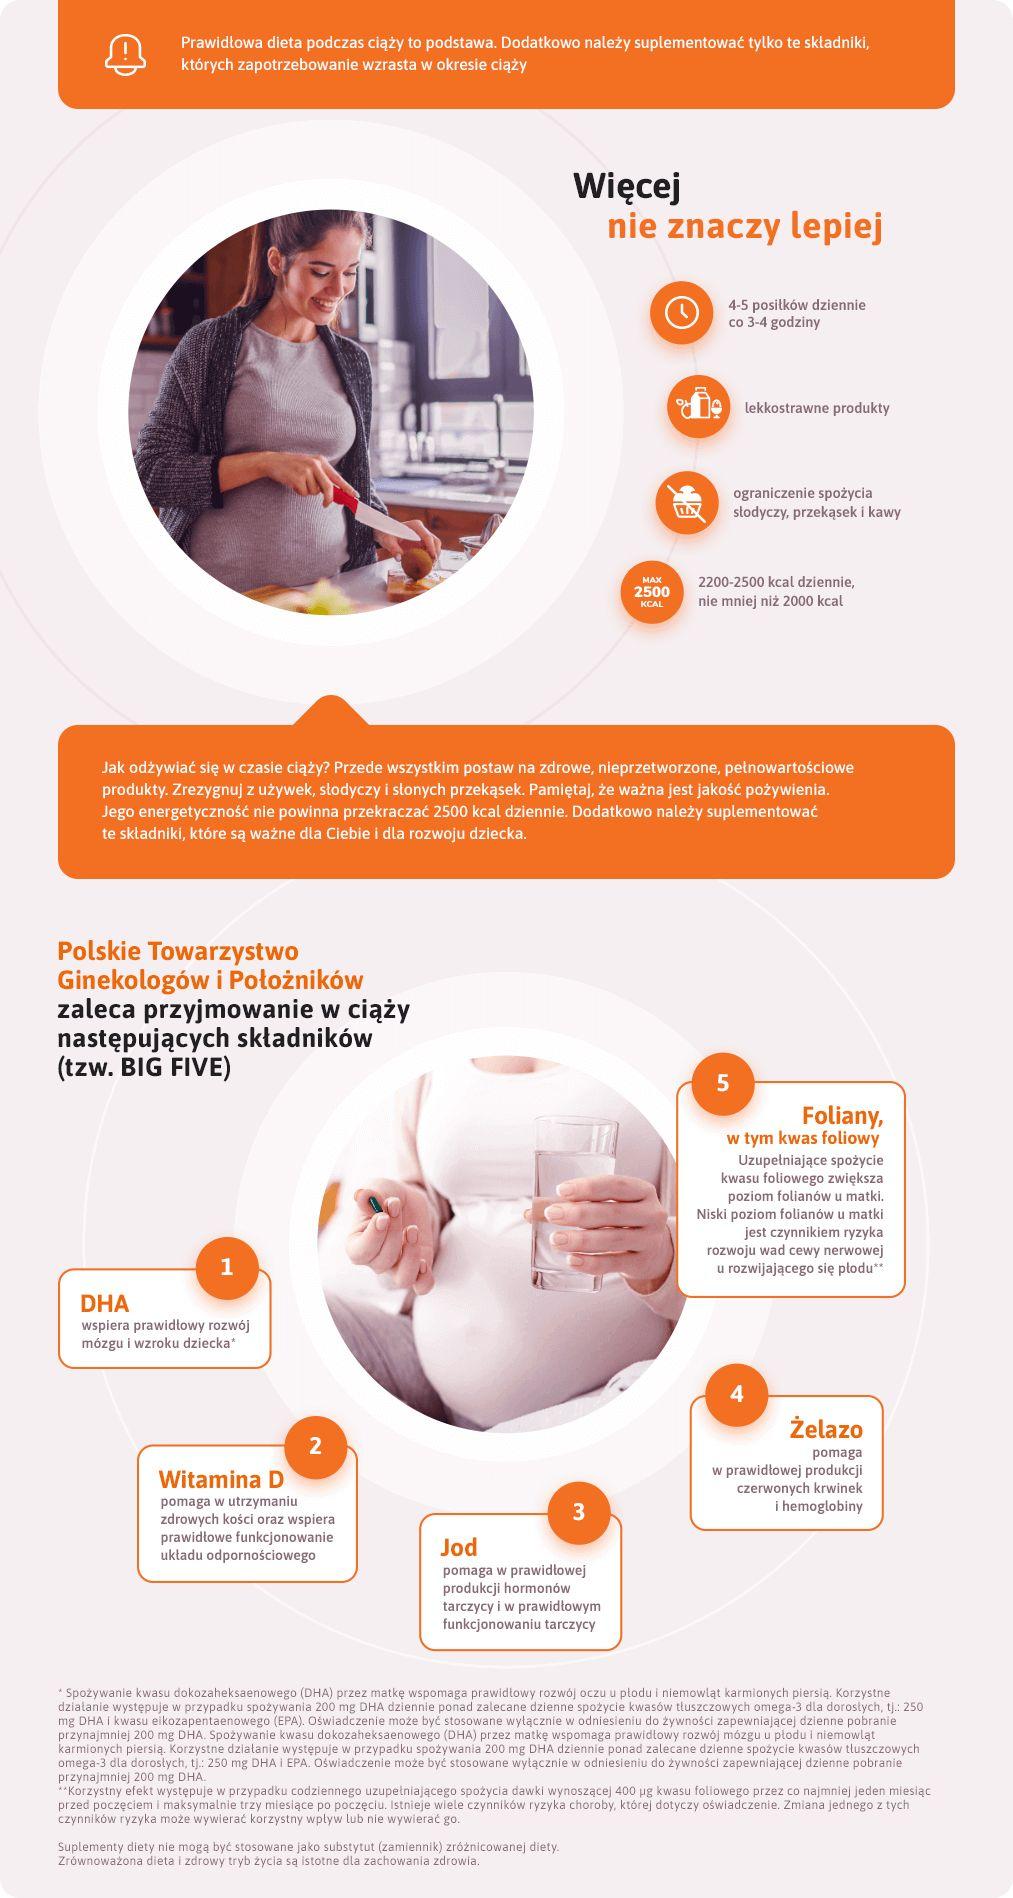 infografika o diecie kobiety w ciąży